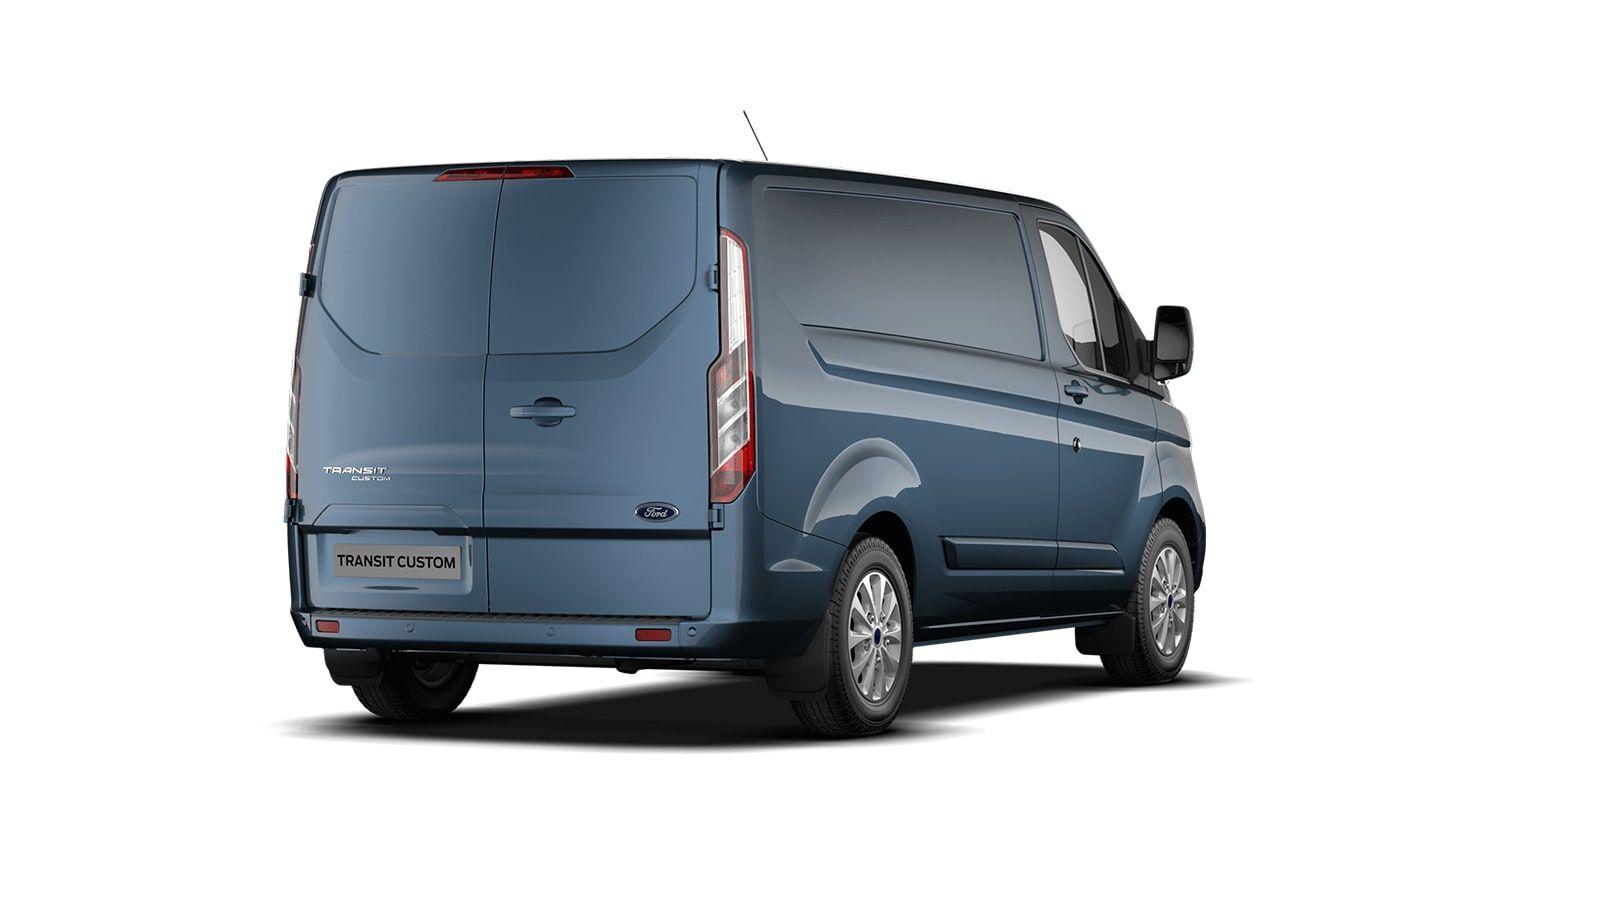 Nieuw Ford Transit custom 340S Gesloten bestelwagen L1 Limited pHEVAut 1.0 Petrol 125 BYB - Metaalkleur: Chrome Blue 3